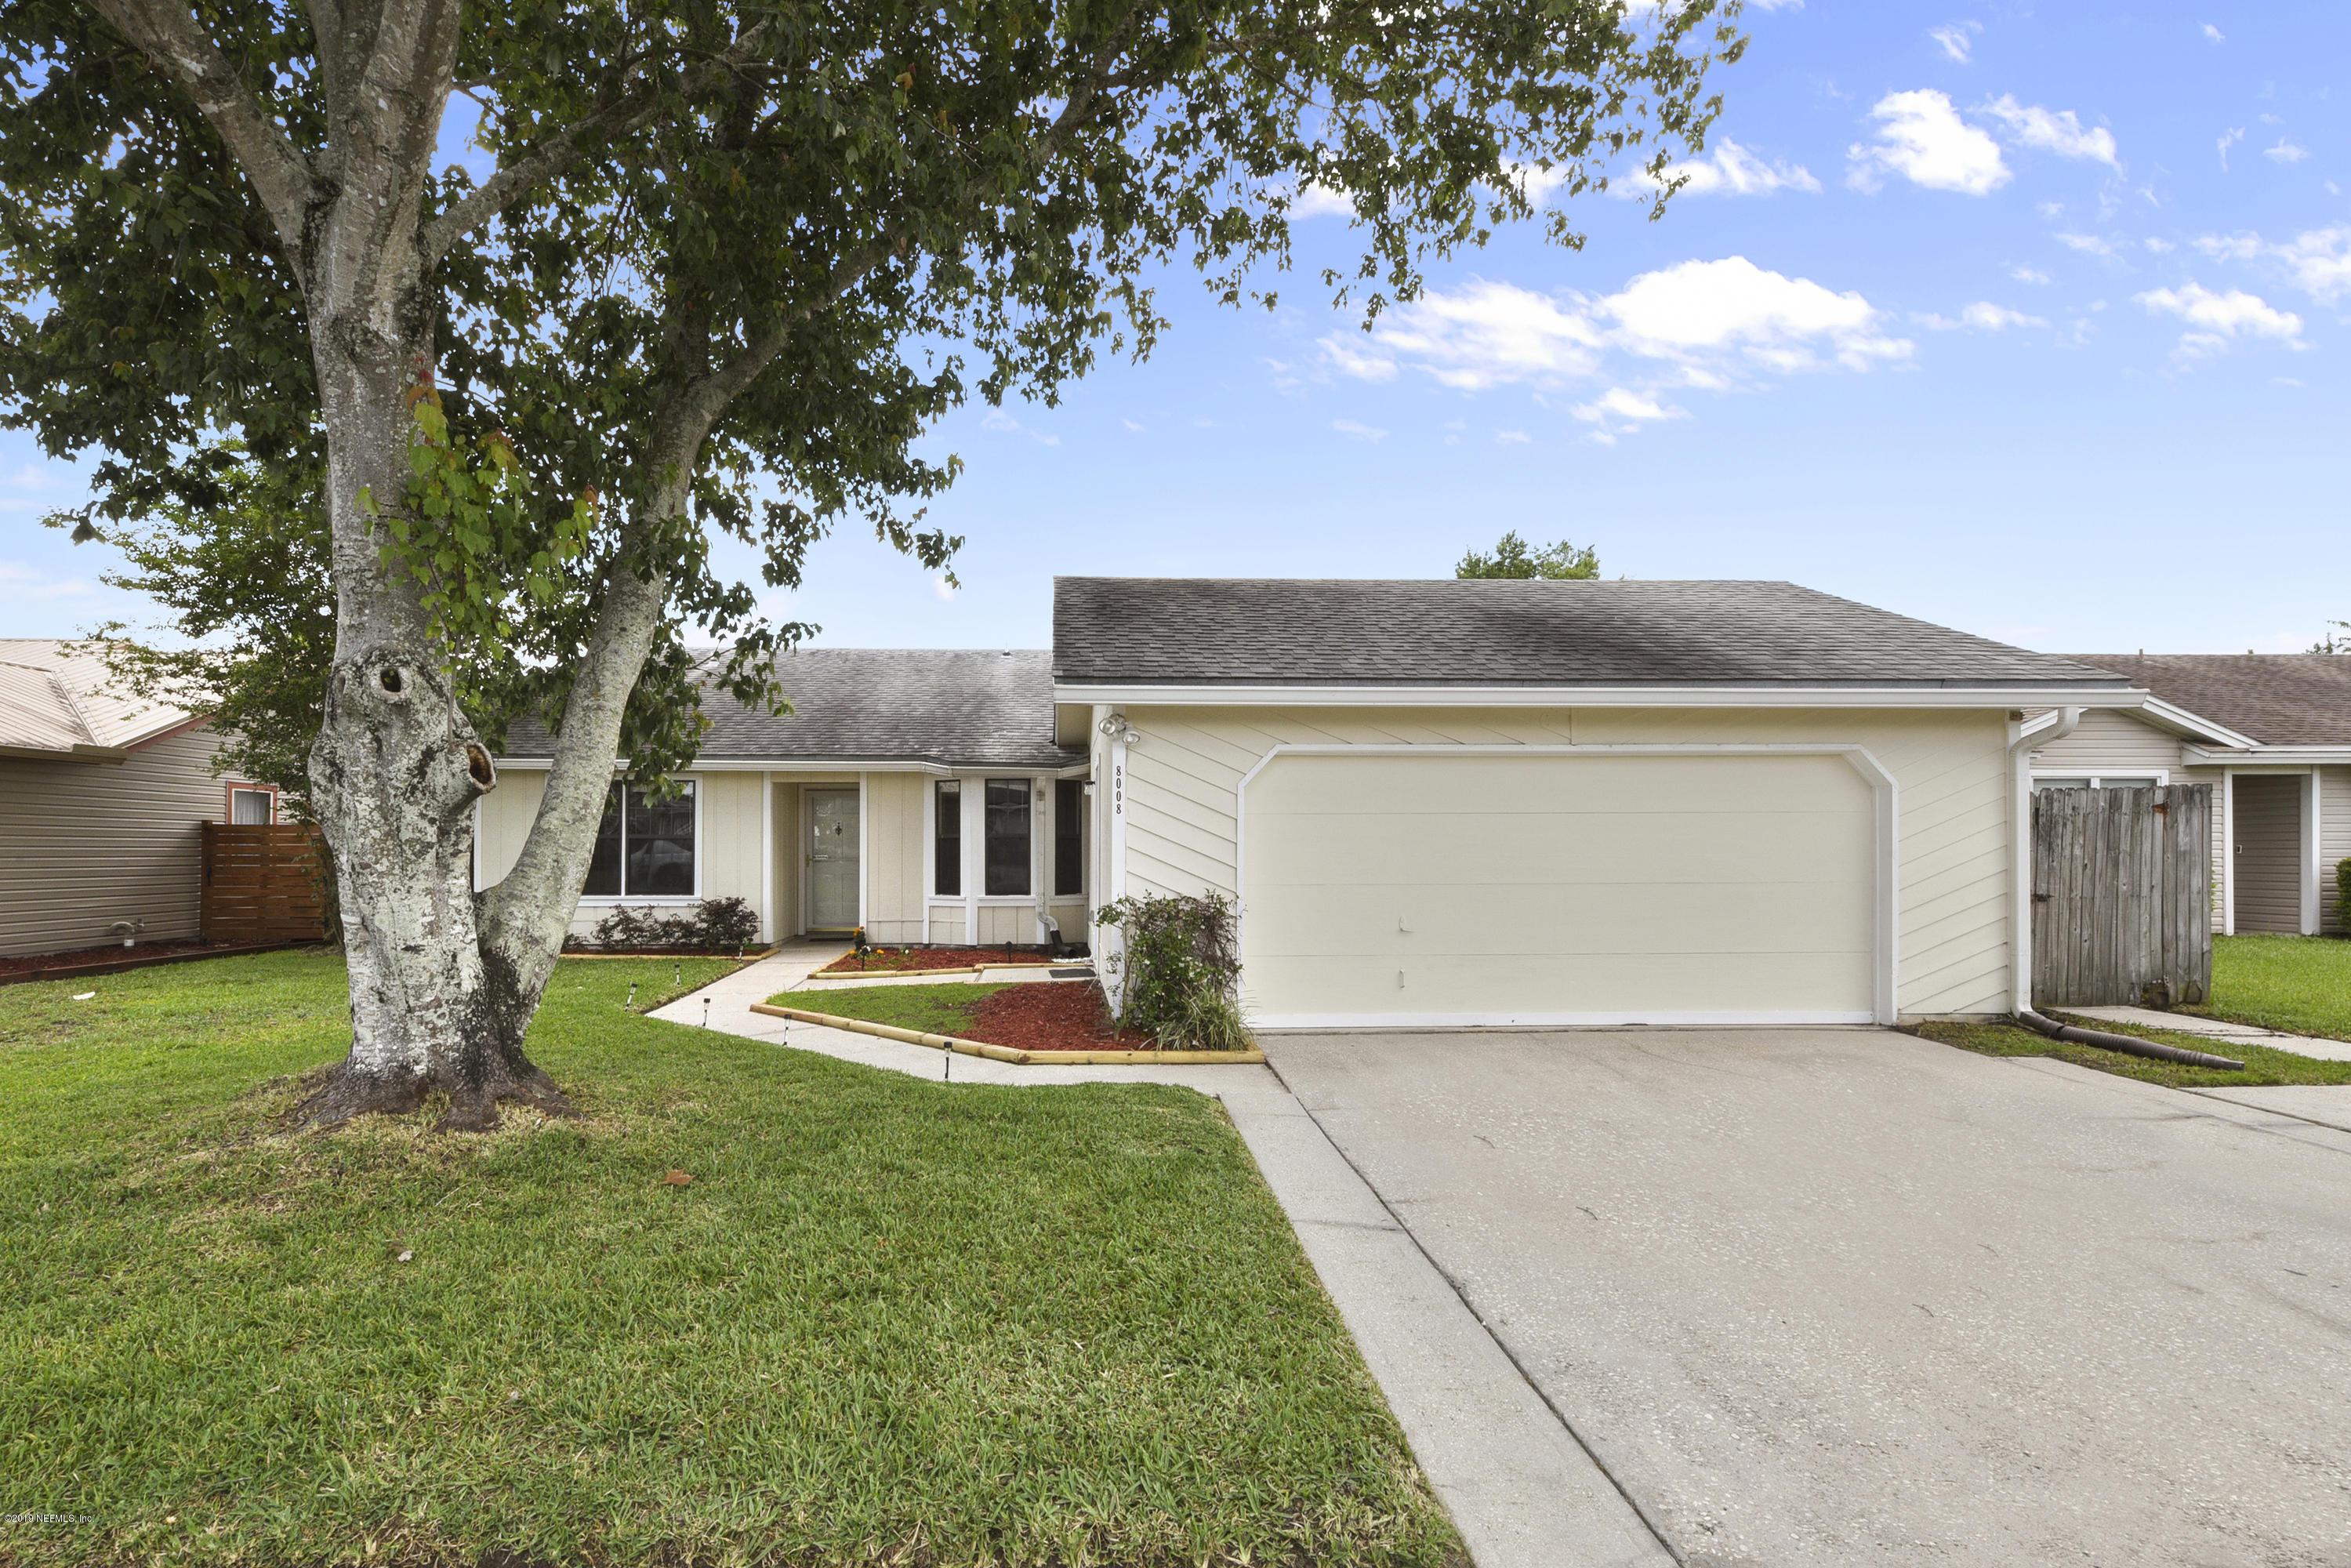 Photo of 8008 SWAMP FLOWER, JACKSONVILLE, FL 32244